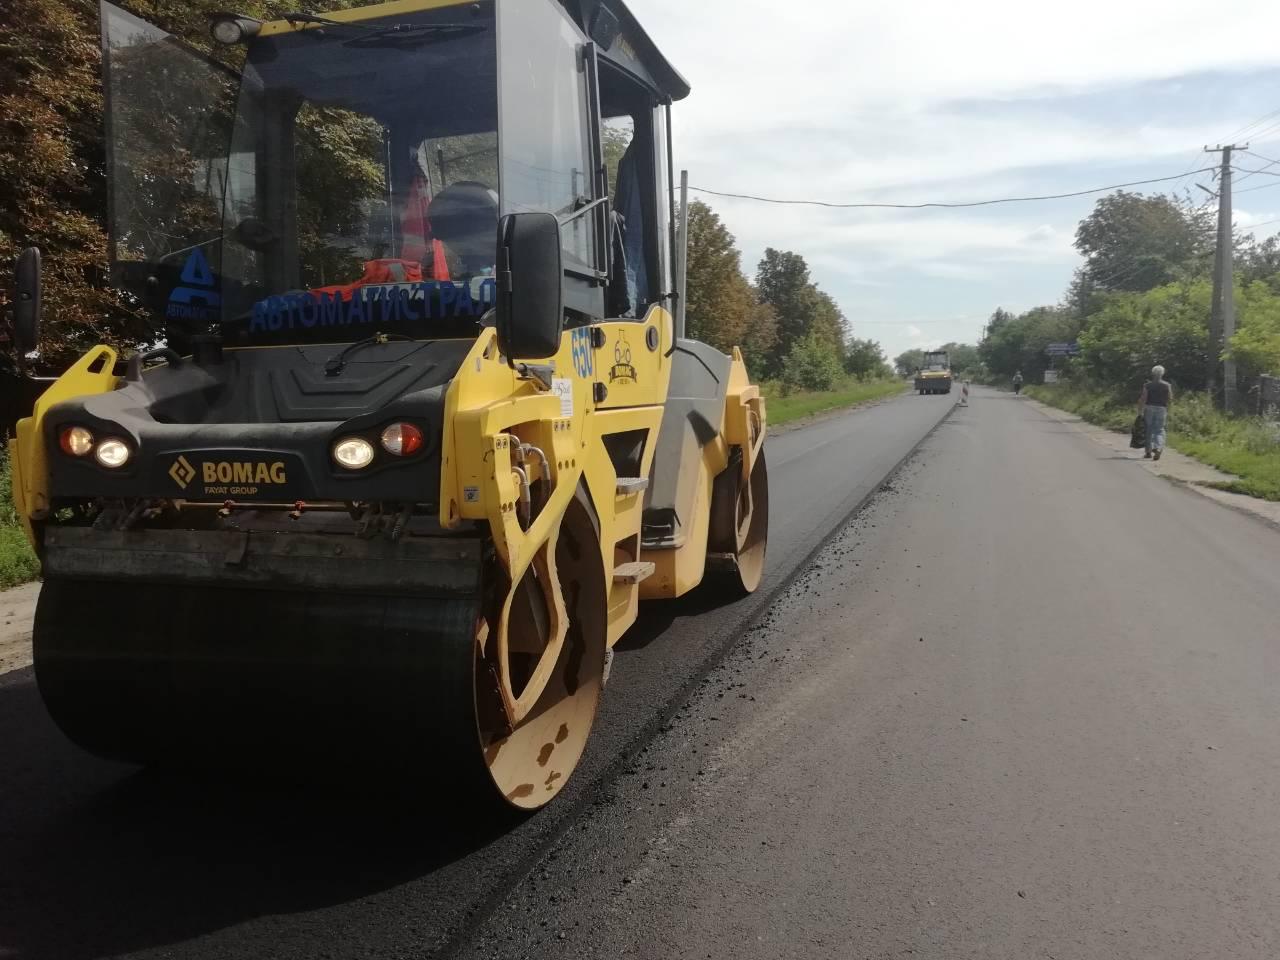 На Сокальщині більшість ПЛР-тестів негативні, 28 травня в школах проводитимуть ЗНО, та розпочнуть ремонтувати дорогу Тартаків-Переспа – щопонеділкова нарада в Сокальській міській раді